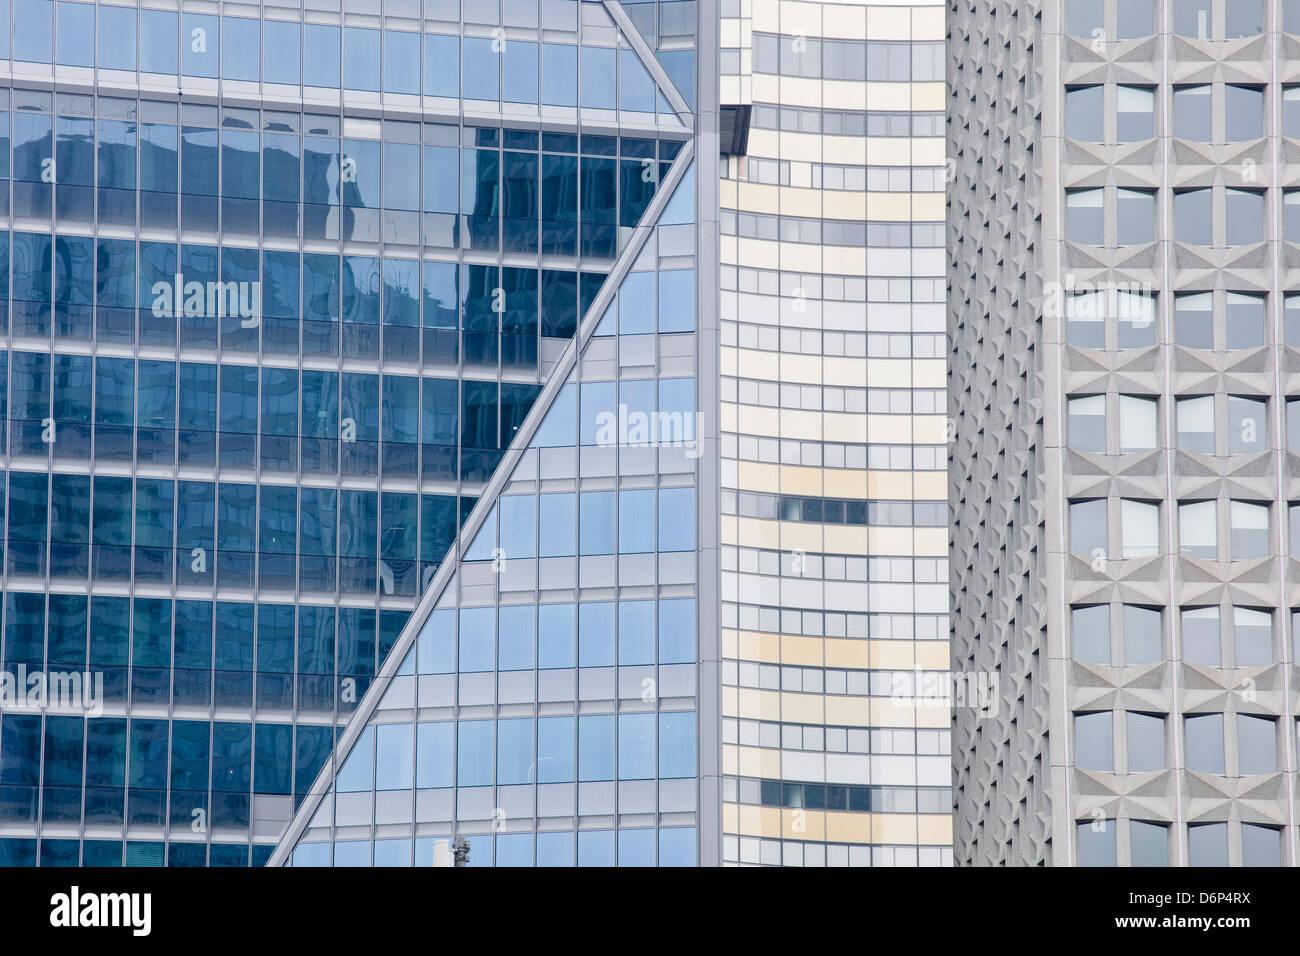 Abstract di edifici nel quartiere de La Defense, Parigi, Francia, Europa Immagini Stock